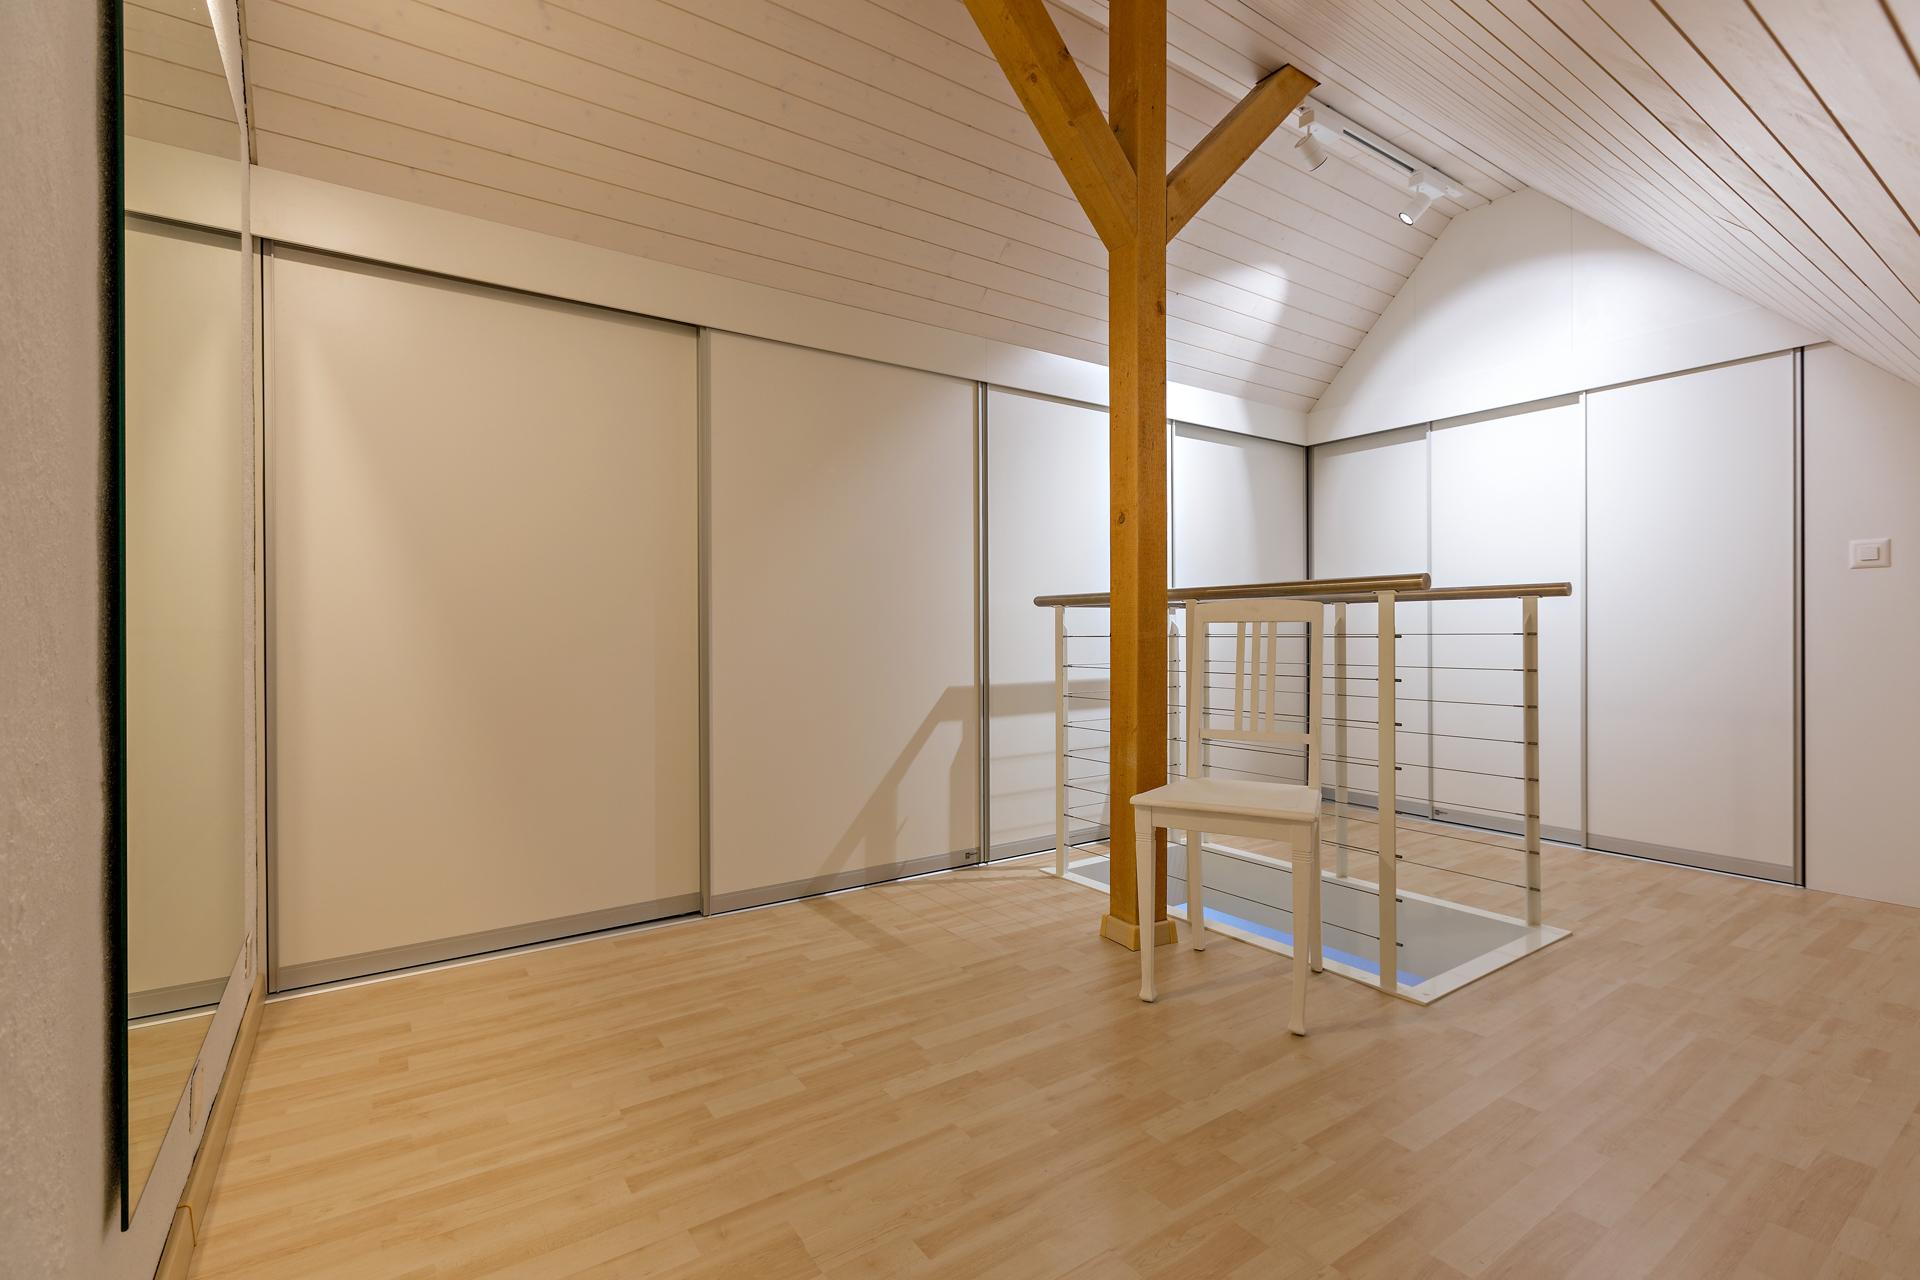 eckverbau als doppelt tiefer kleiderschrank unter dem dachgiebel auf zu. Black Bedroom Furniture Sets. Home Design Ideas